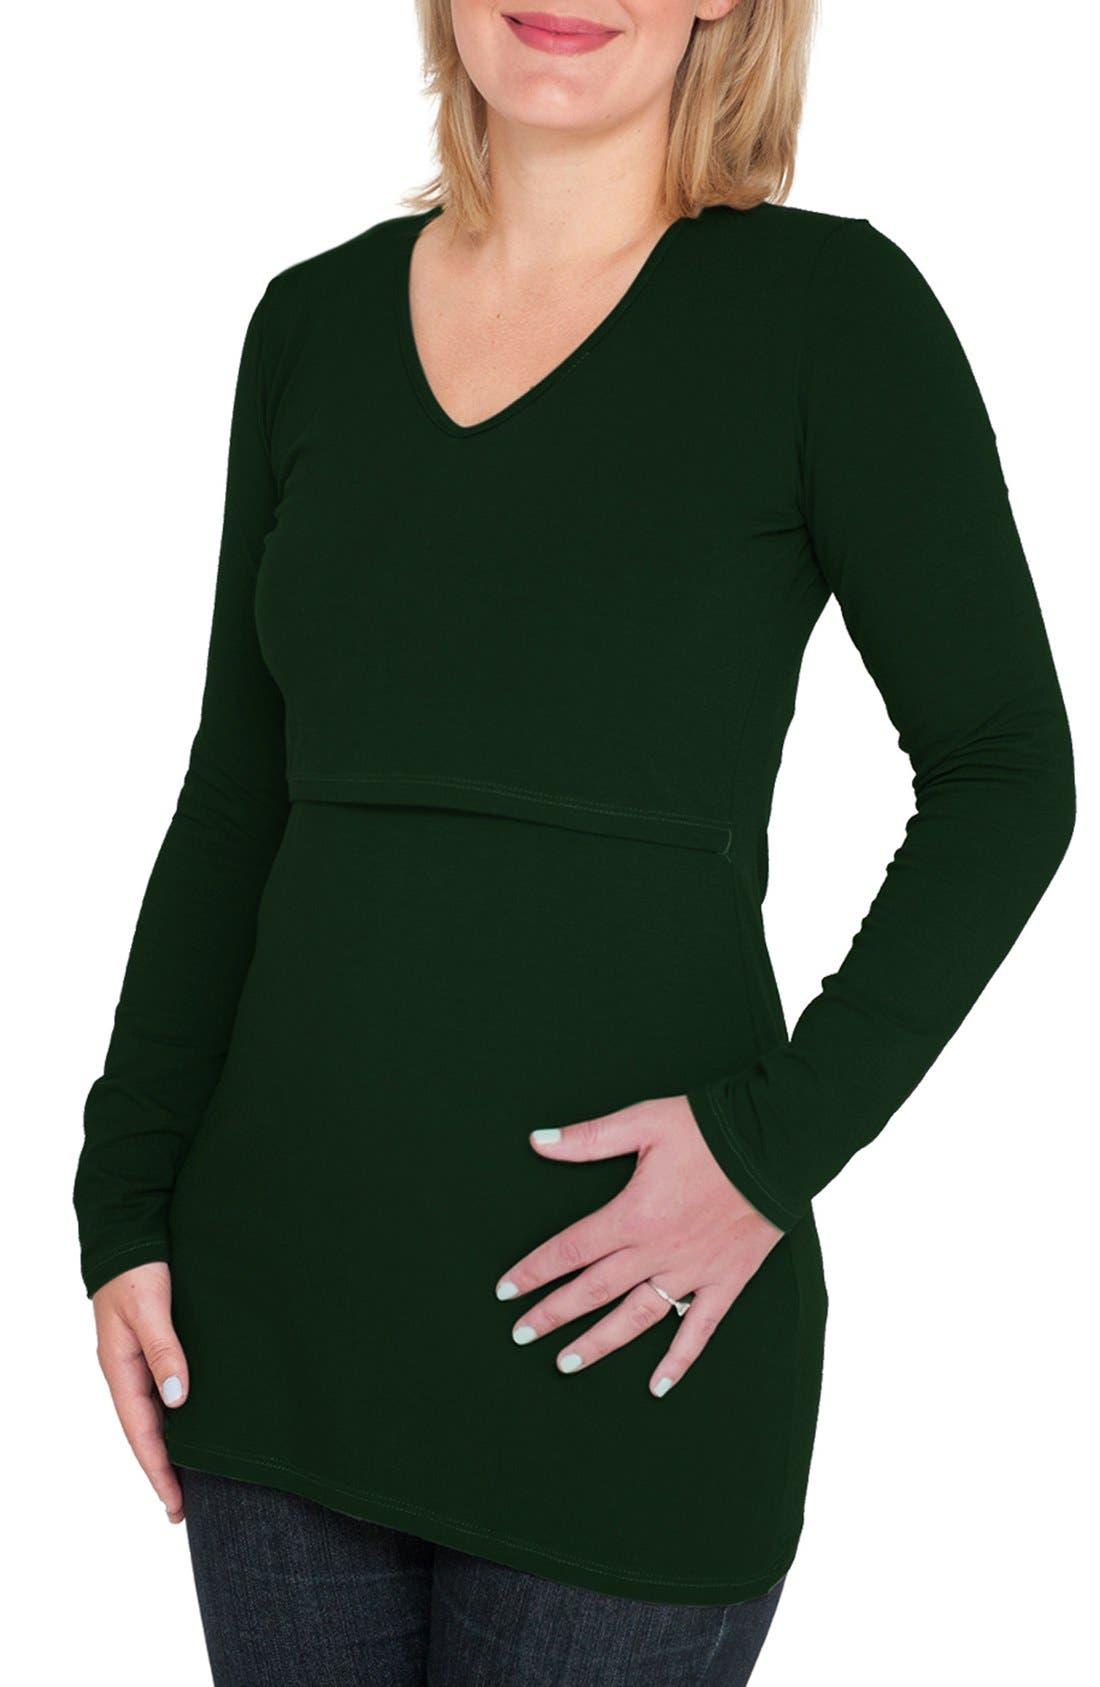 Main Image - Nurture-Elle Long Sleeve Nursing Maternity Tee